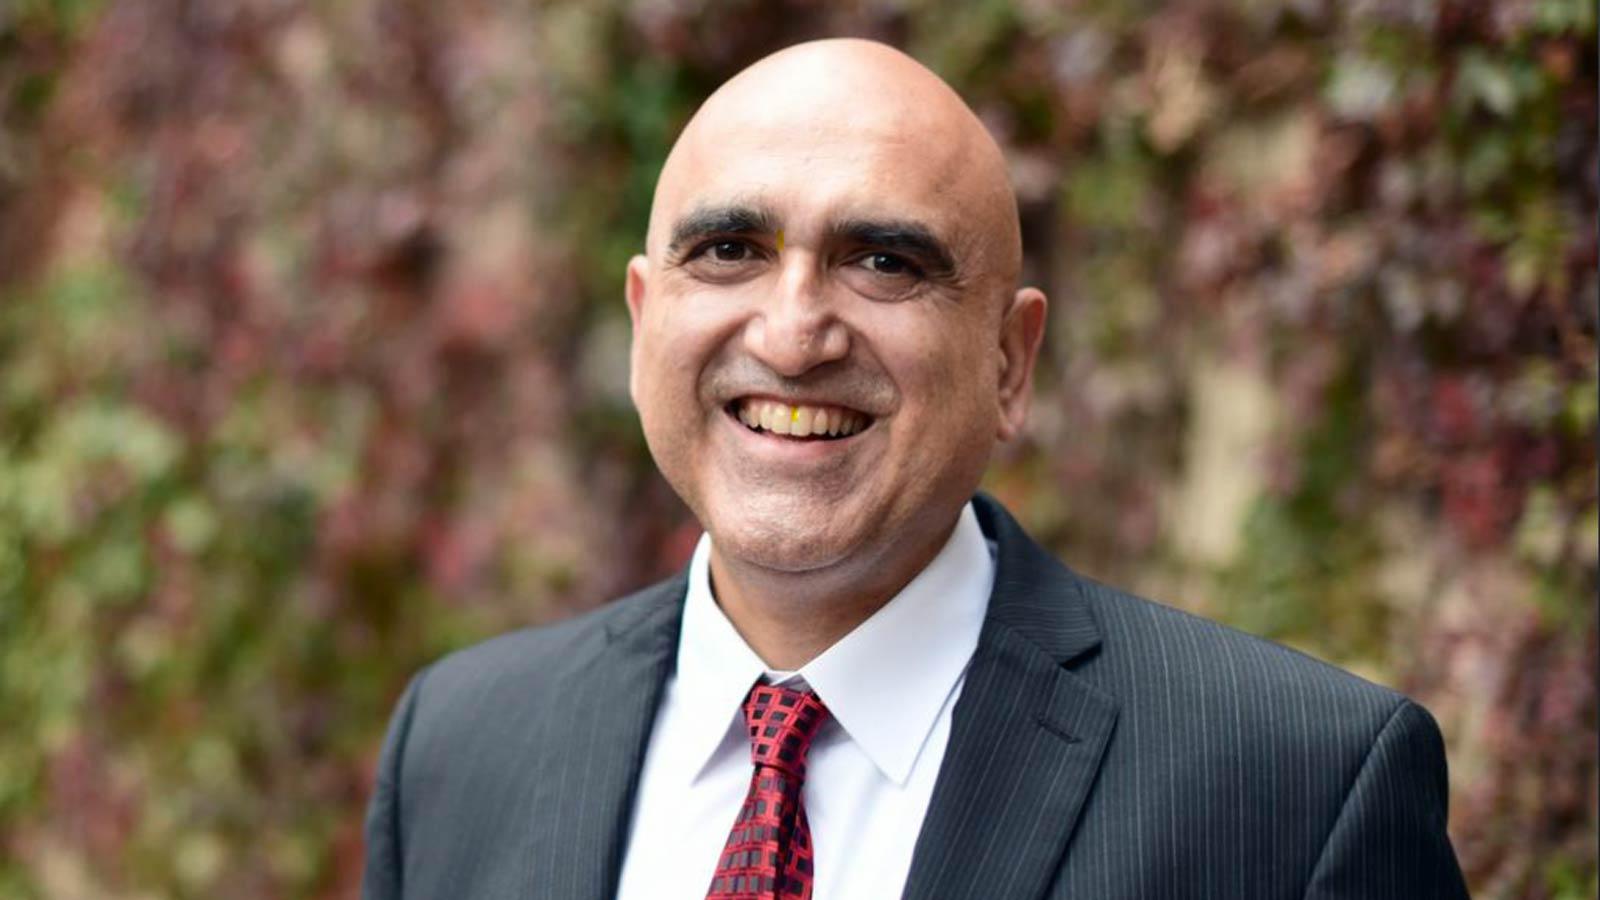 Joe-Khawaja-CFO-2021